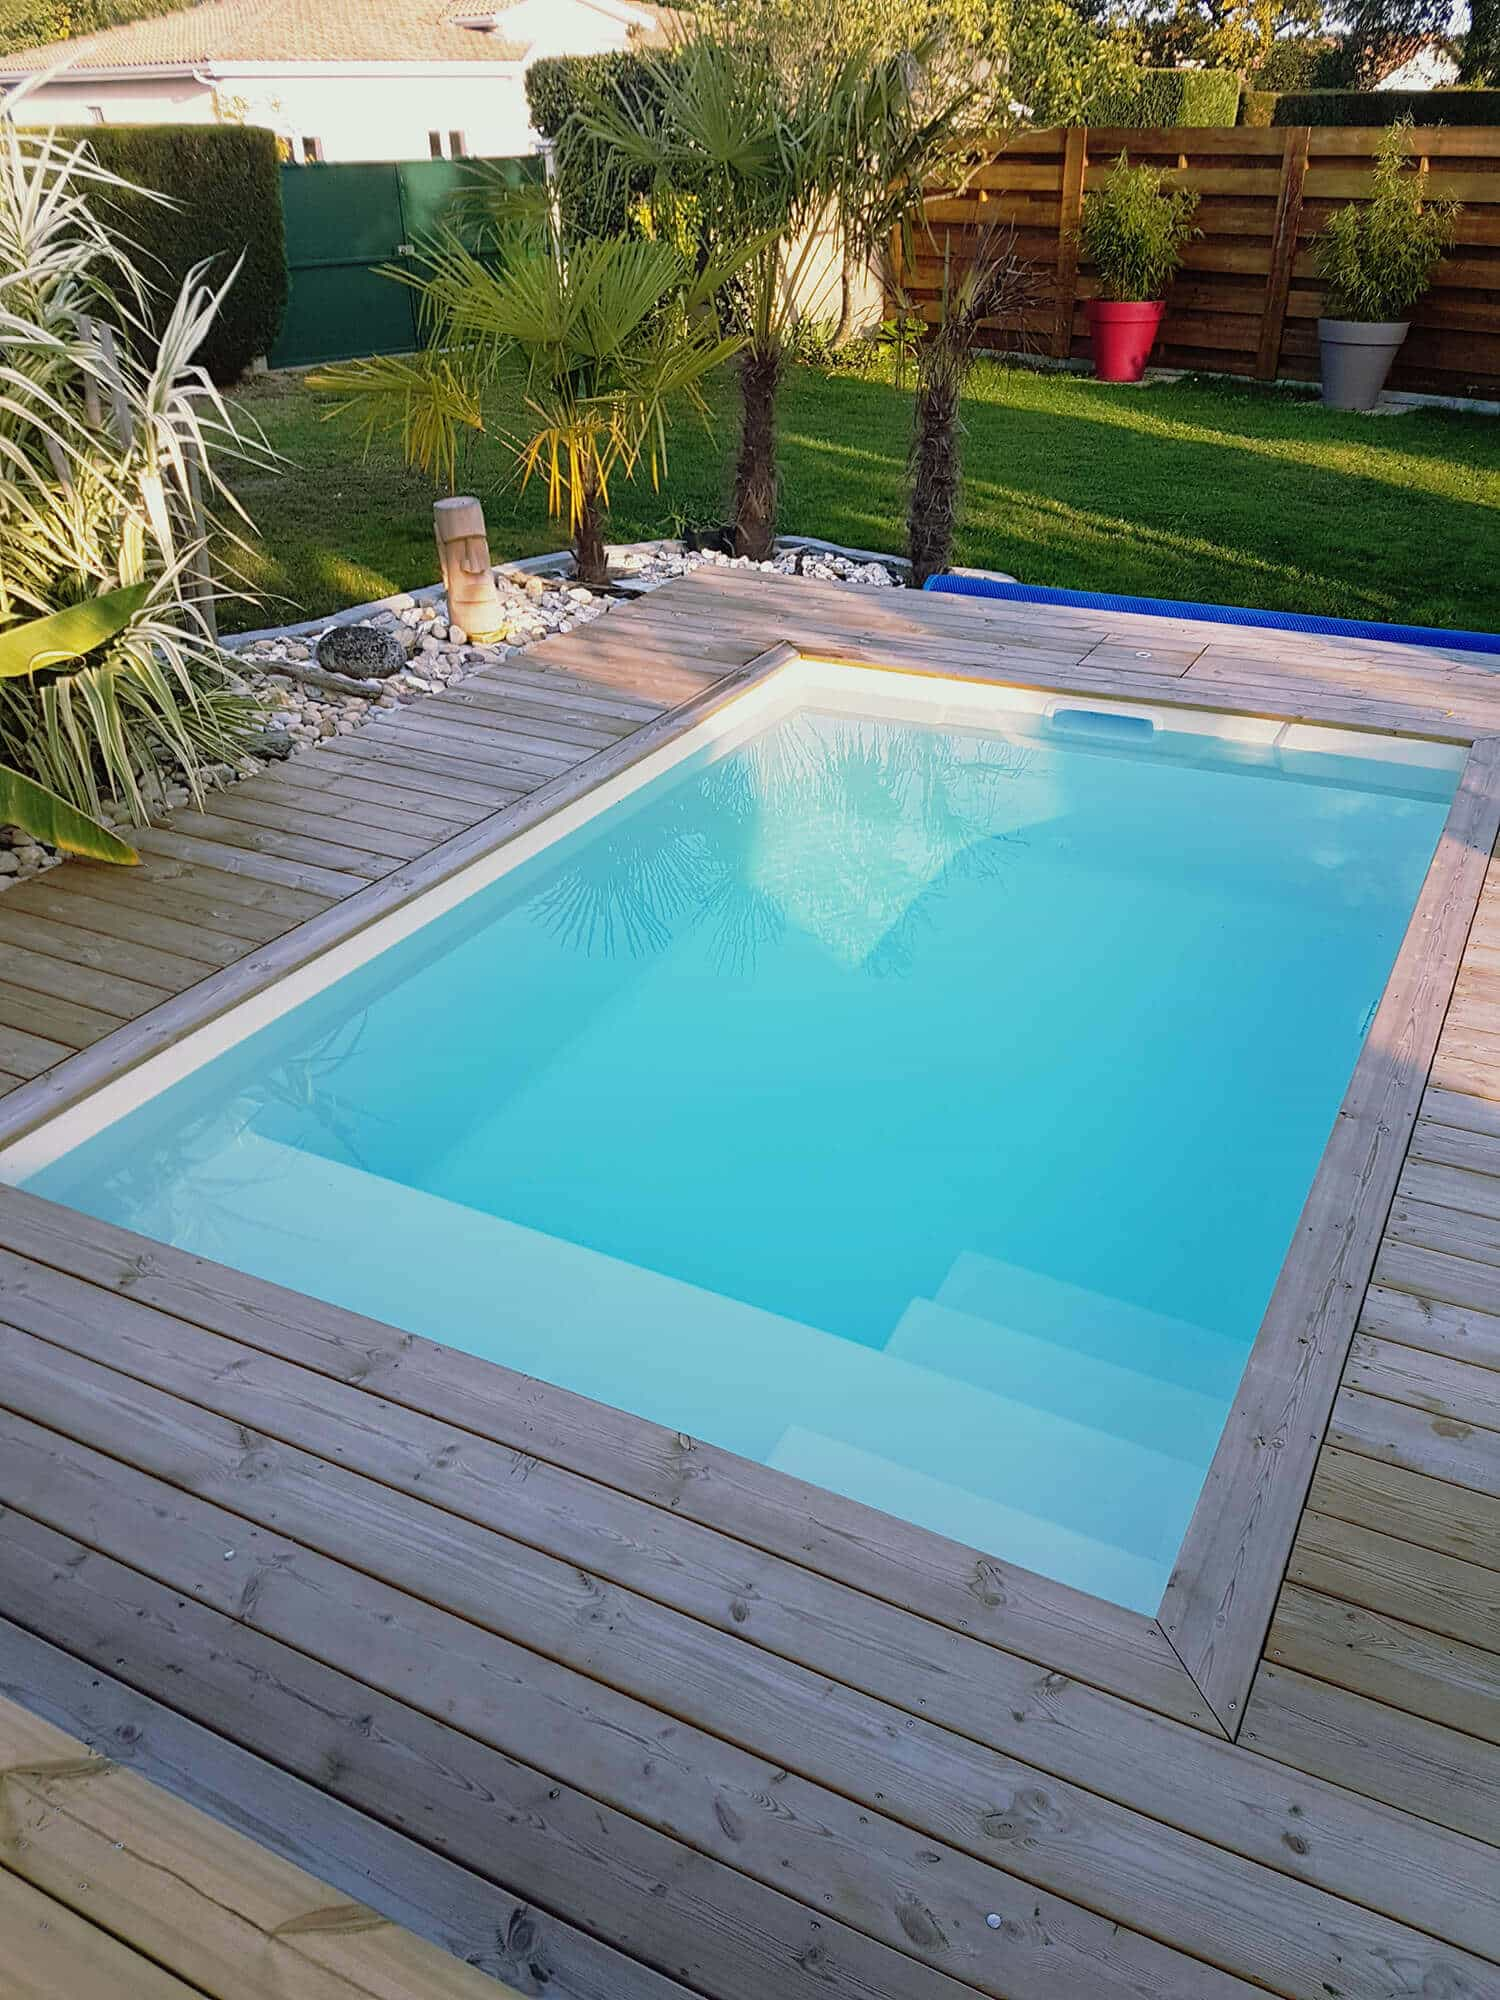 Construire une piscine : Cela peut-il se faire partout ?